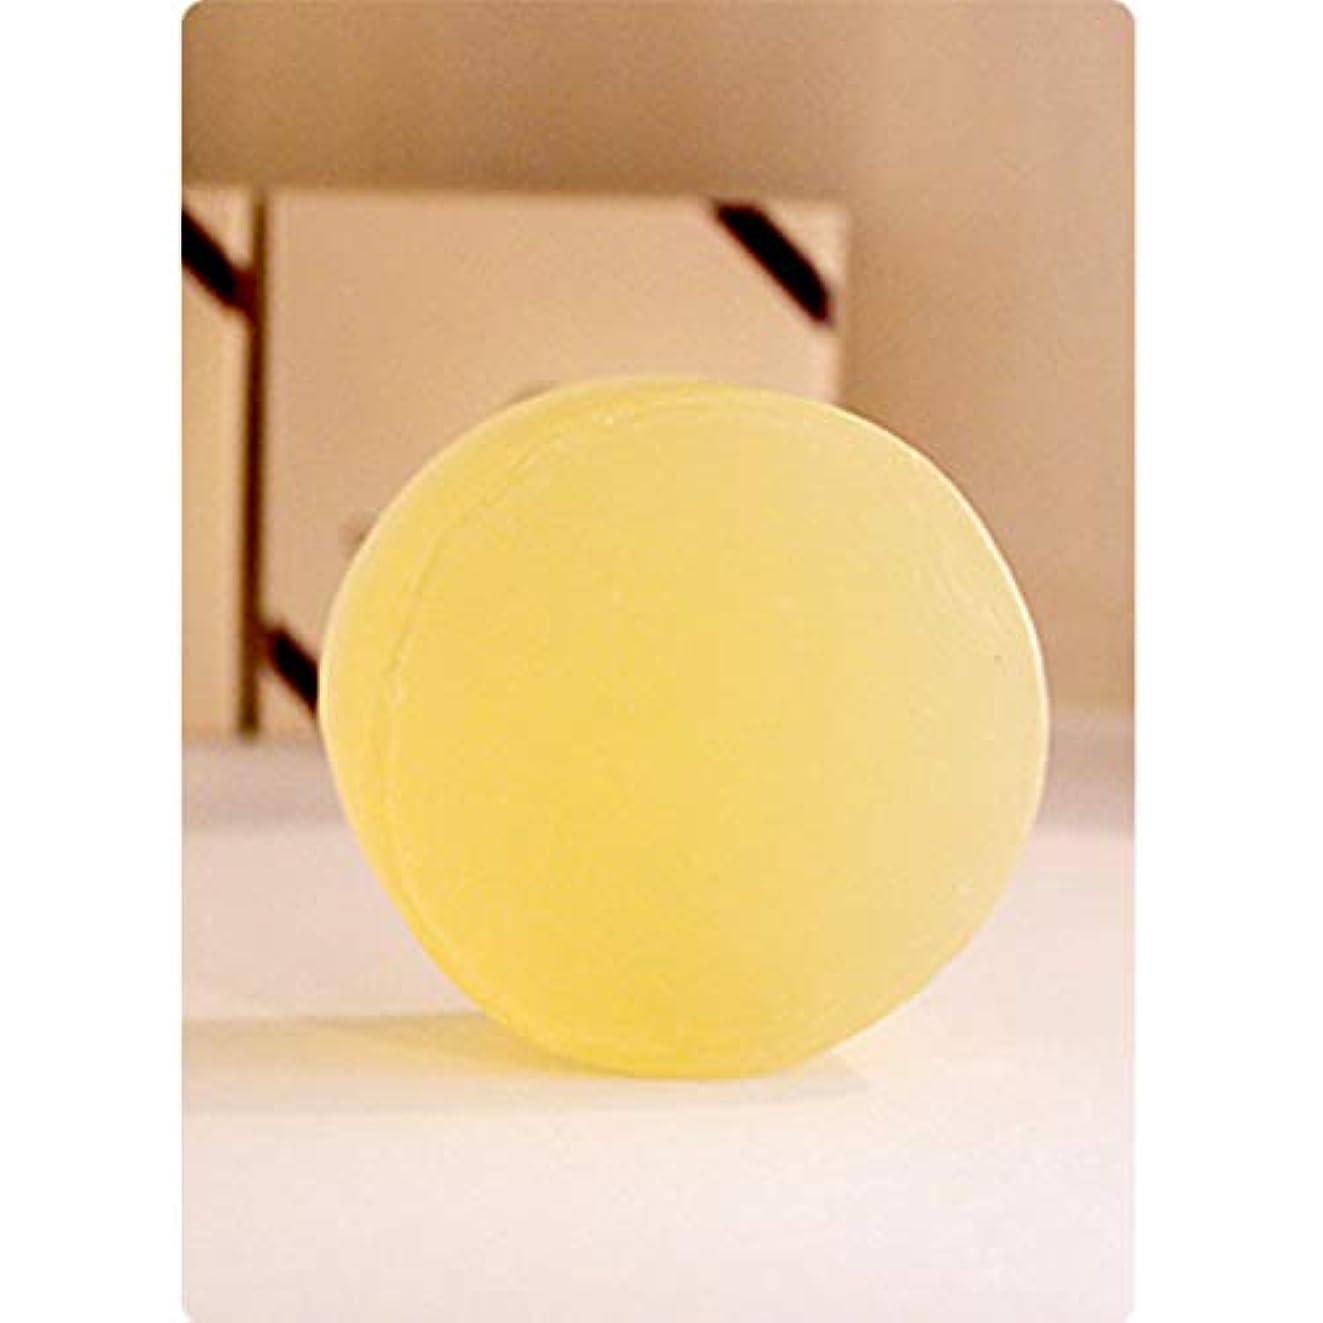 横たわる程度活気づくコラーゲンアロマソープ 80g×3本 香りよく一日の疲れを癒してくれるアロマ石鹸